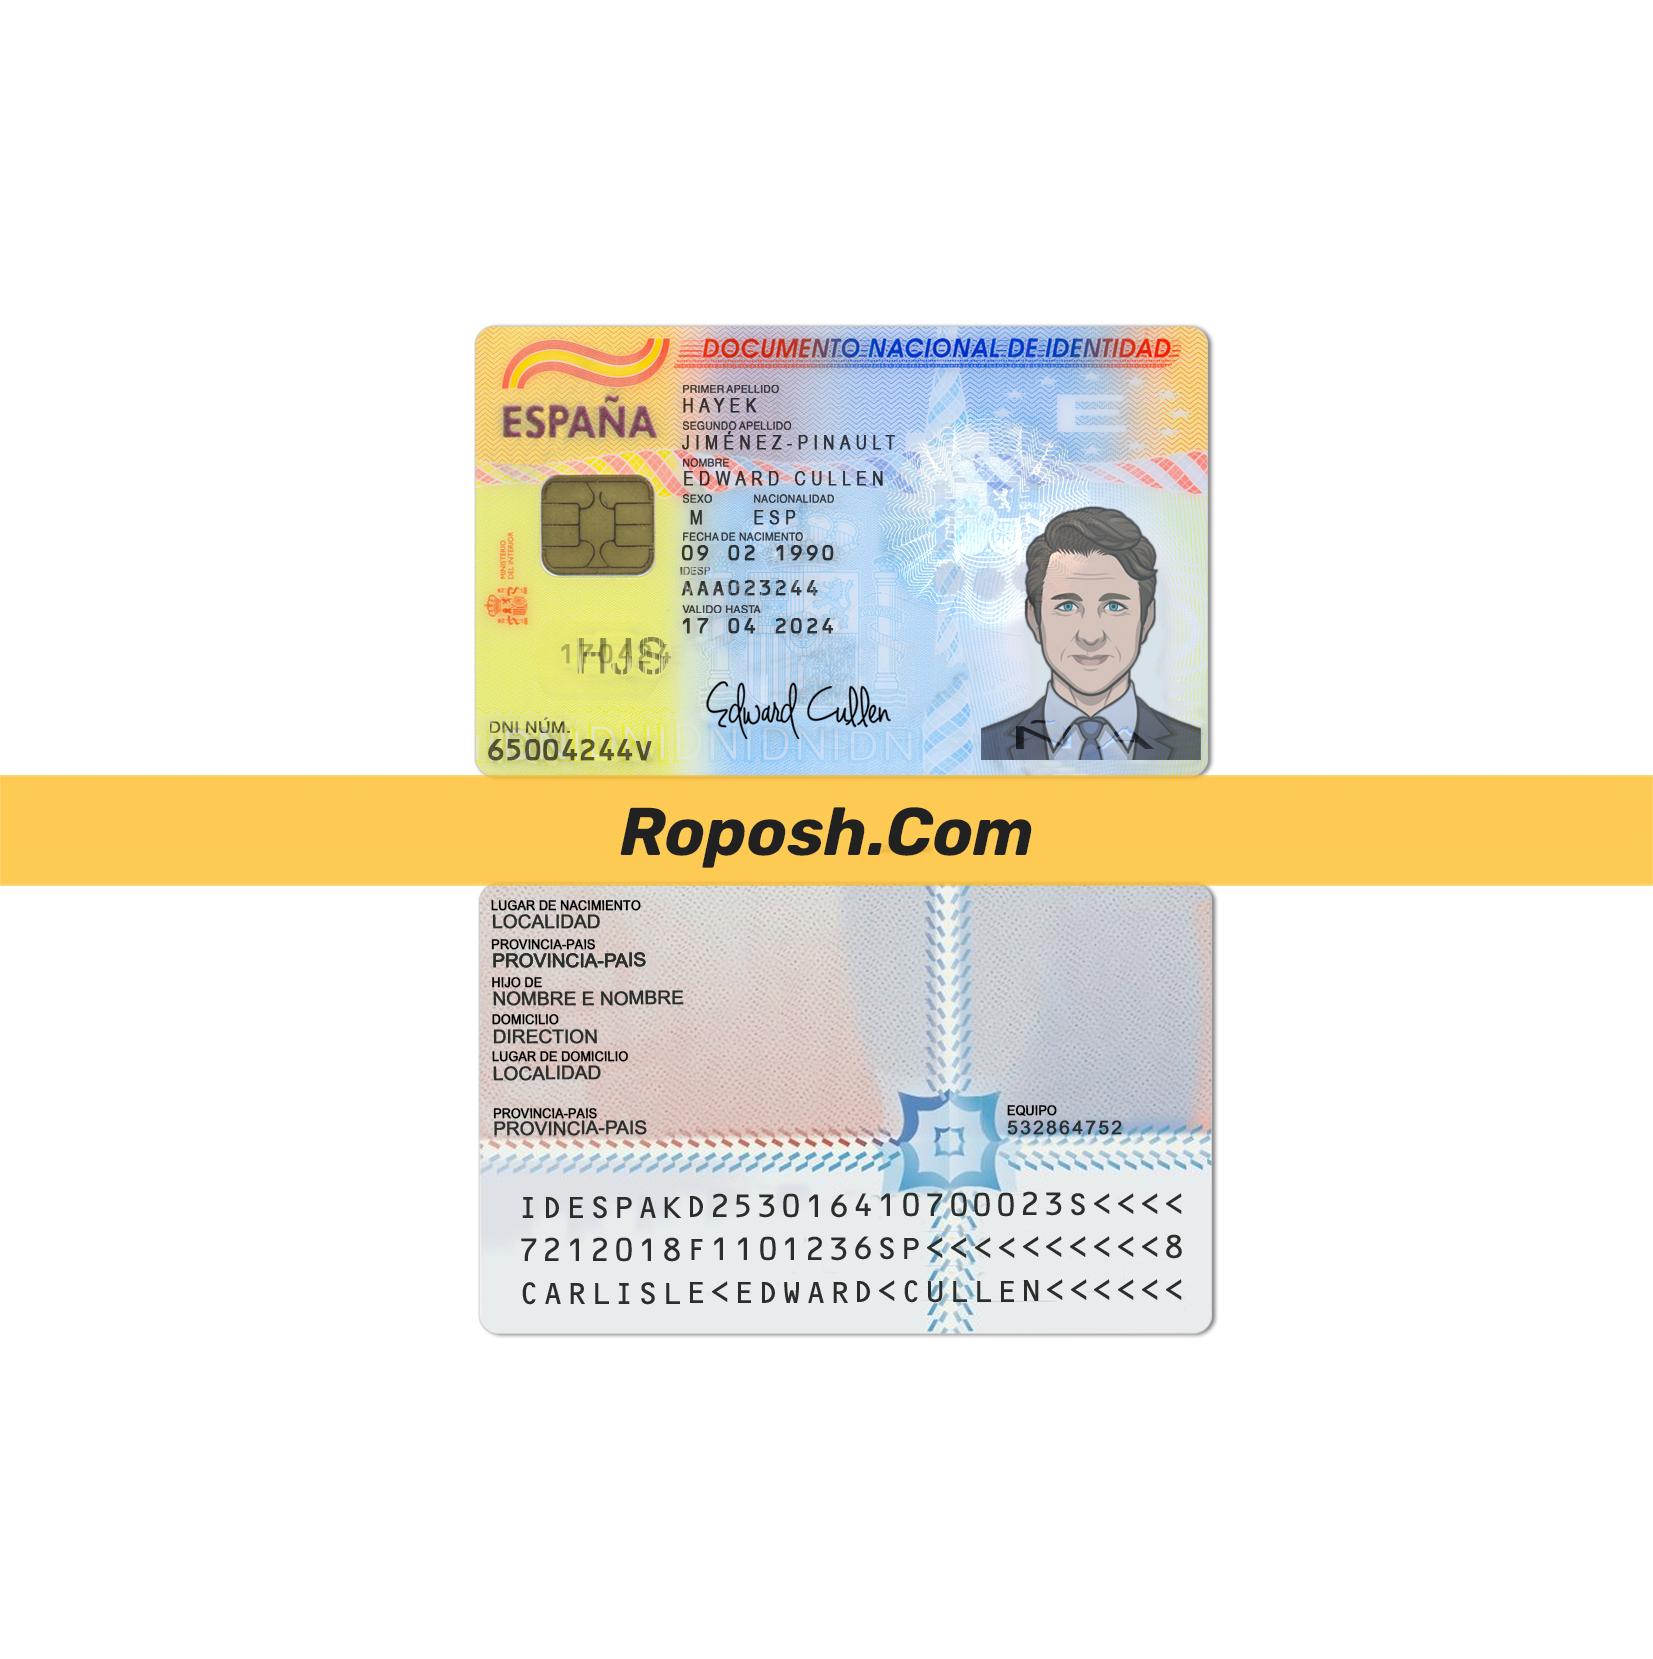 فایل لایه باز کارت شناسایی (آی دی کارت) کشور اسپانیا